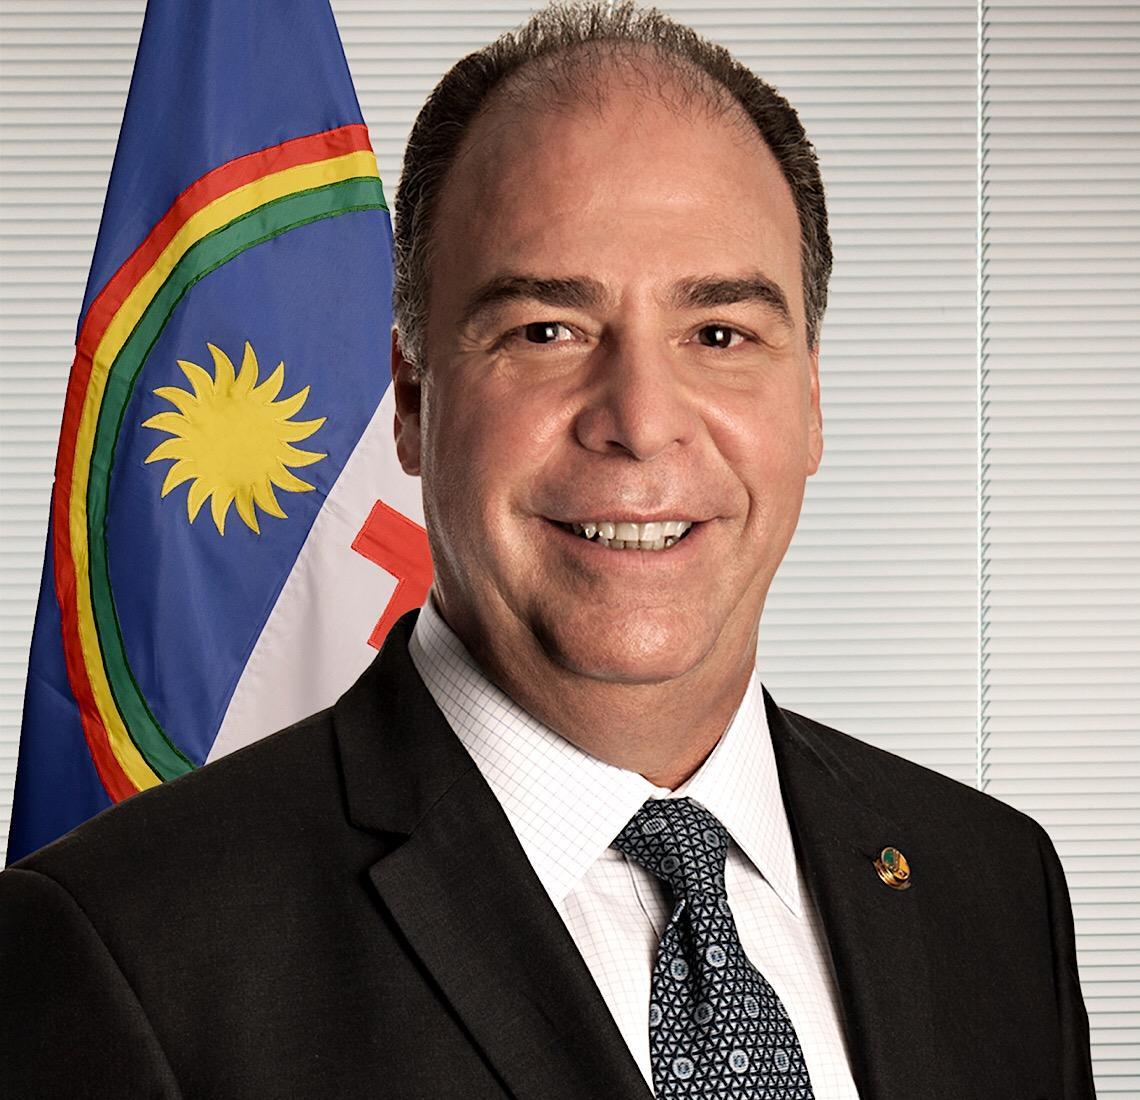 Fernando Bezerra Coelho. Líder do governo diz que Sérgio Moro pode ser esquecido em 60 dias